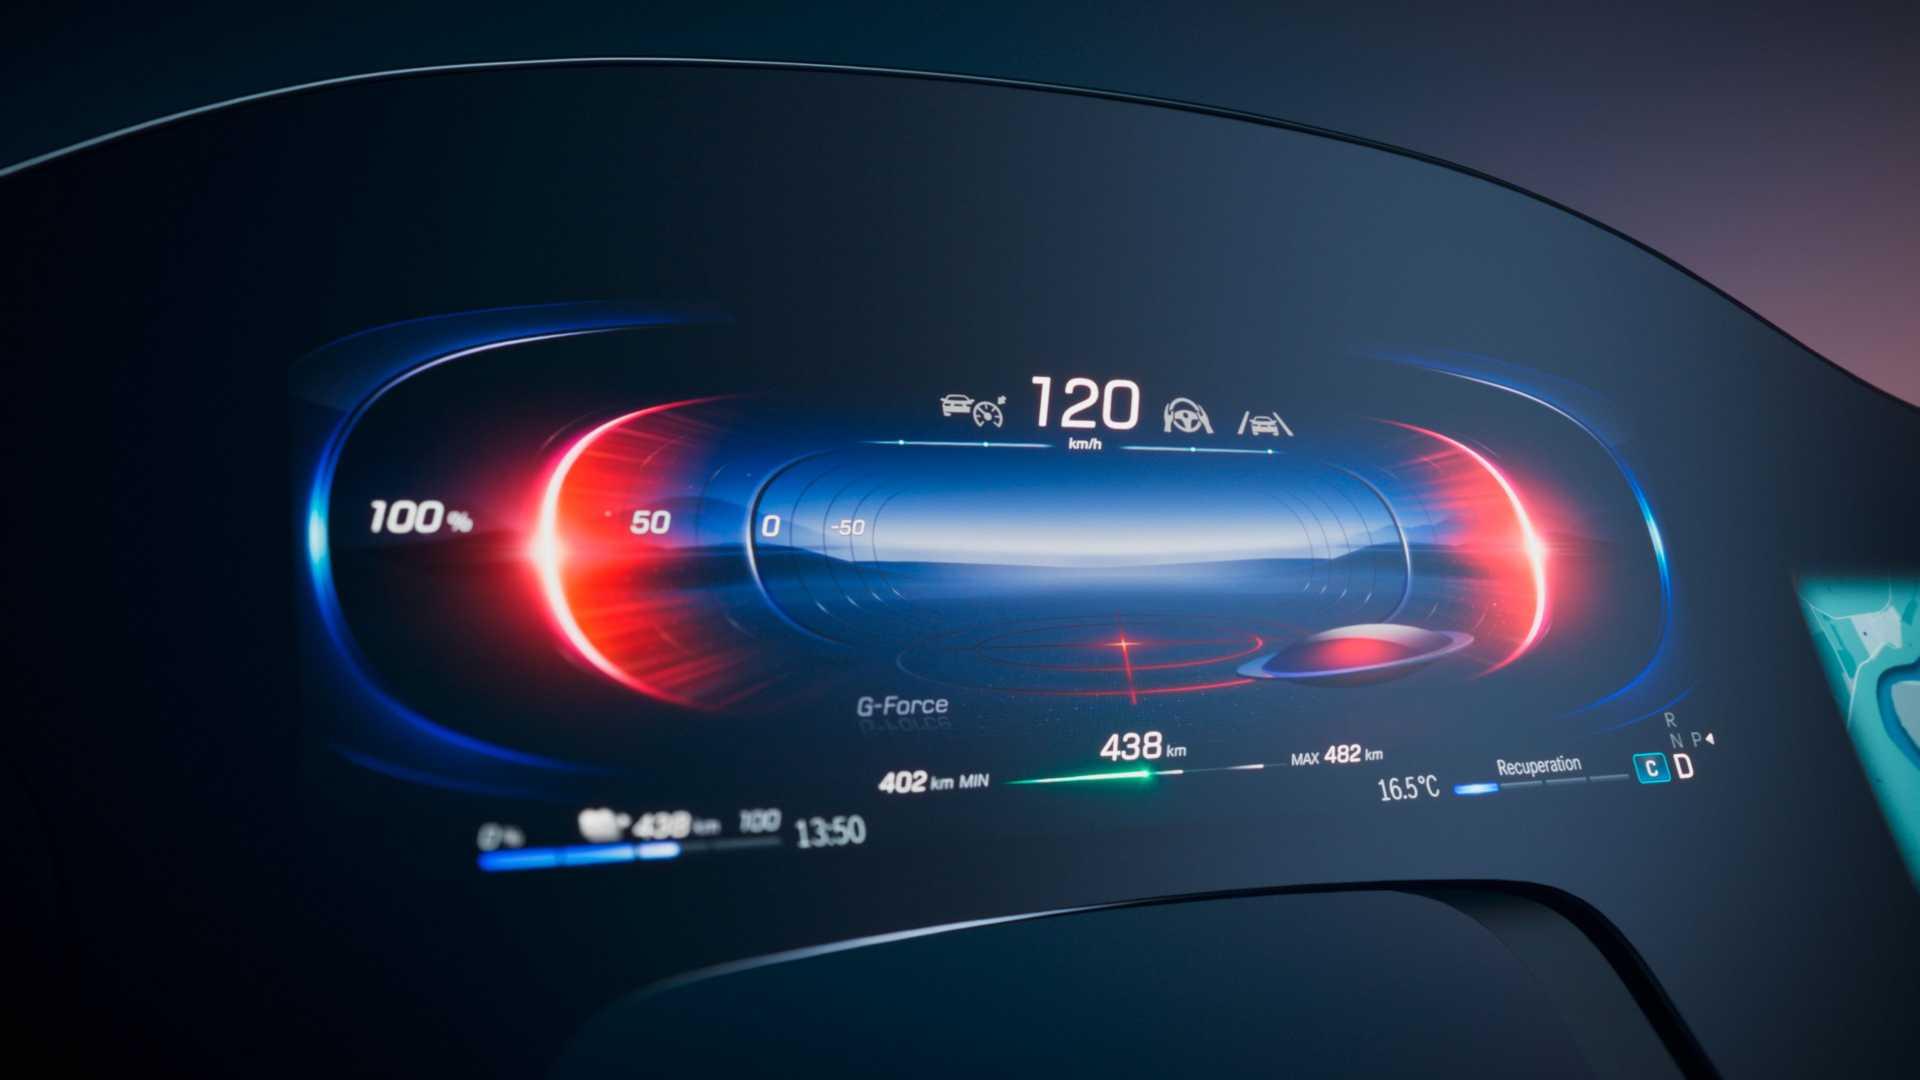 Mercedes Benz Mbux Hyperscreen Driver